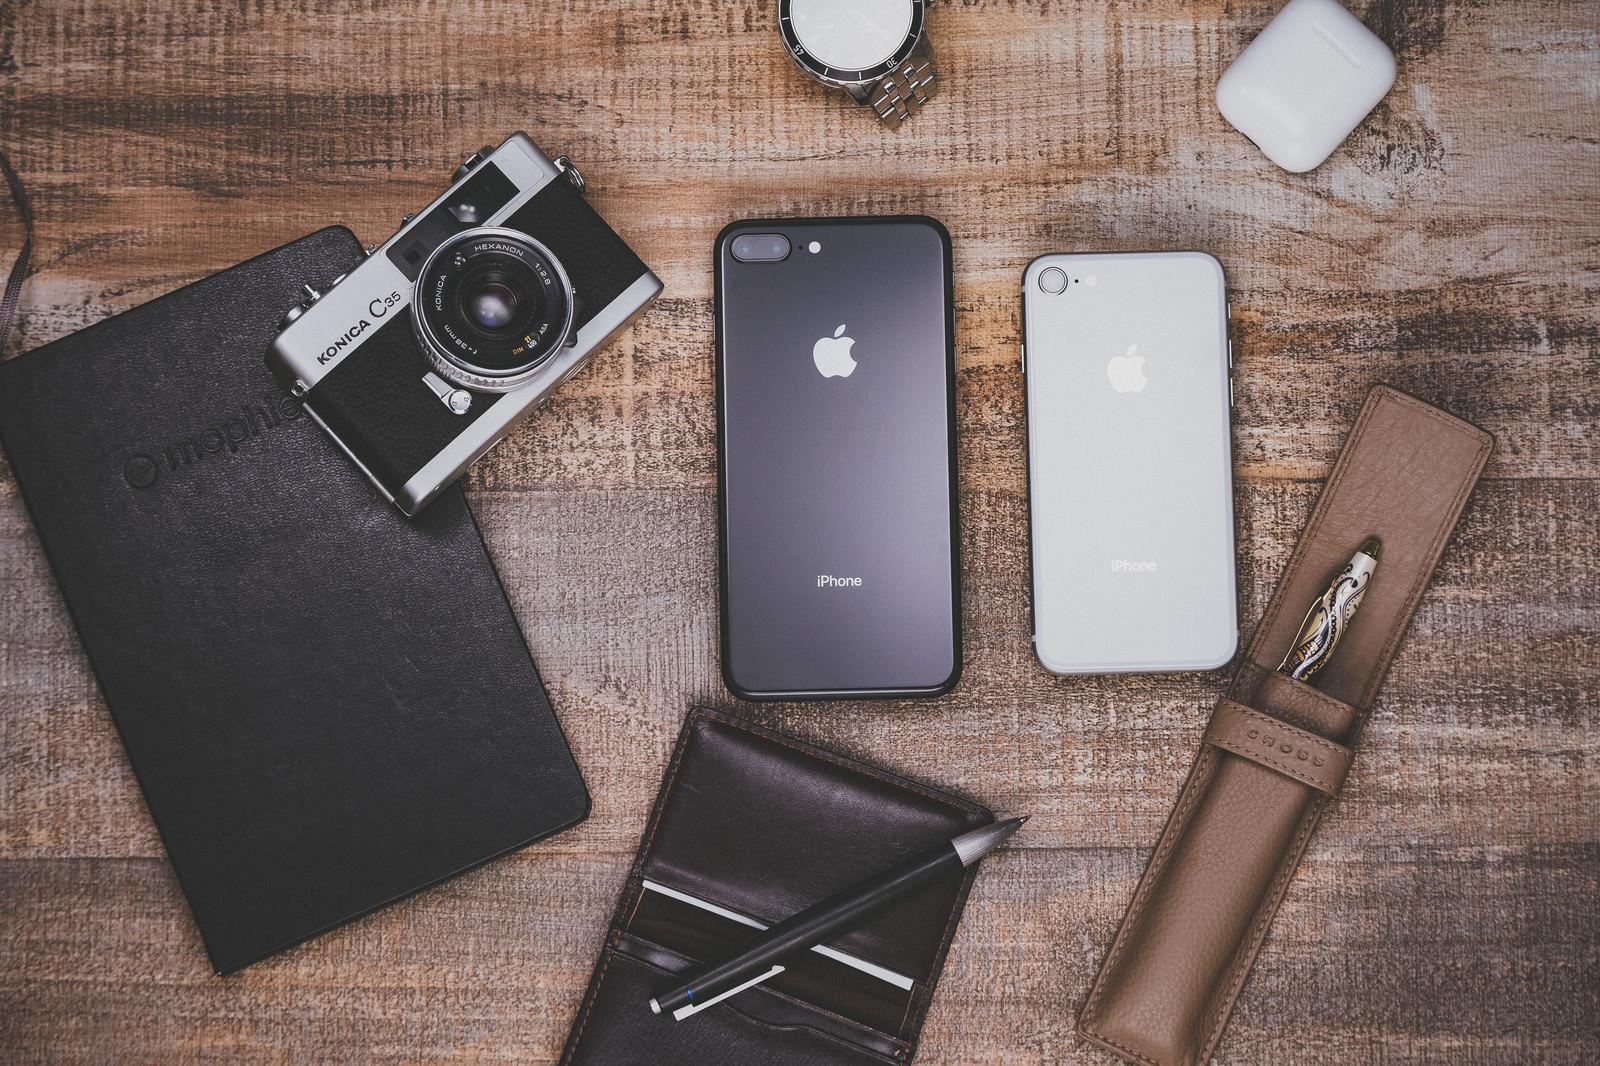 「iPhone 8 Plus と筆記用具類iPhone 8 Plus と筆記用具類」のフリー写真素材を拡大